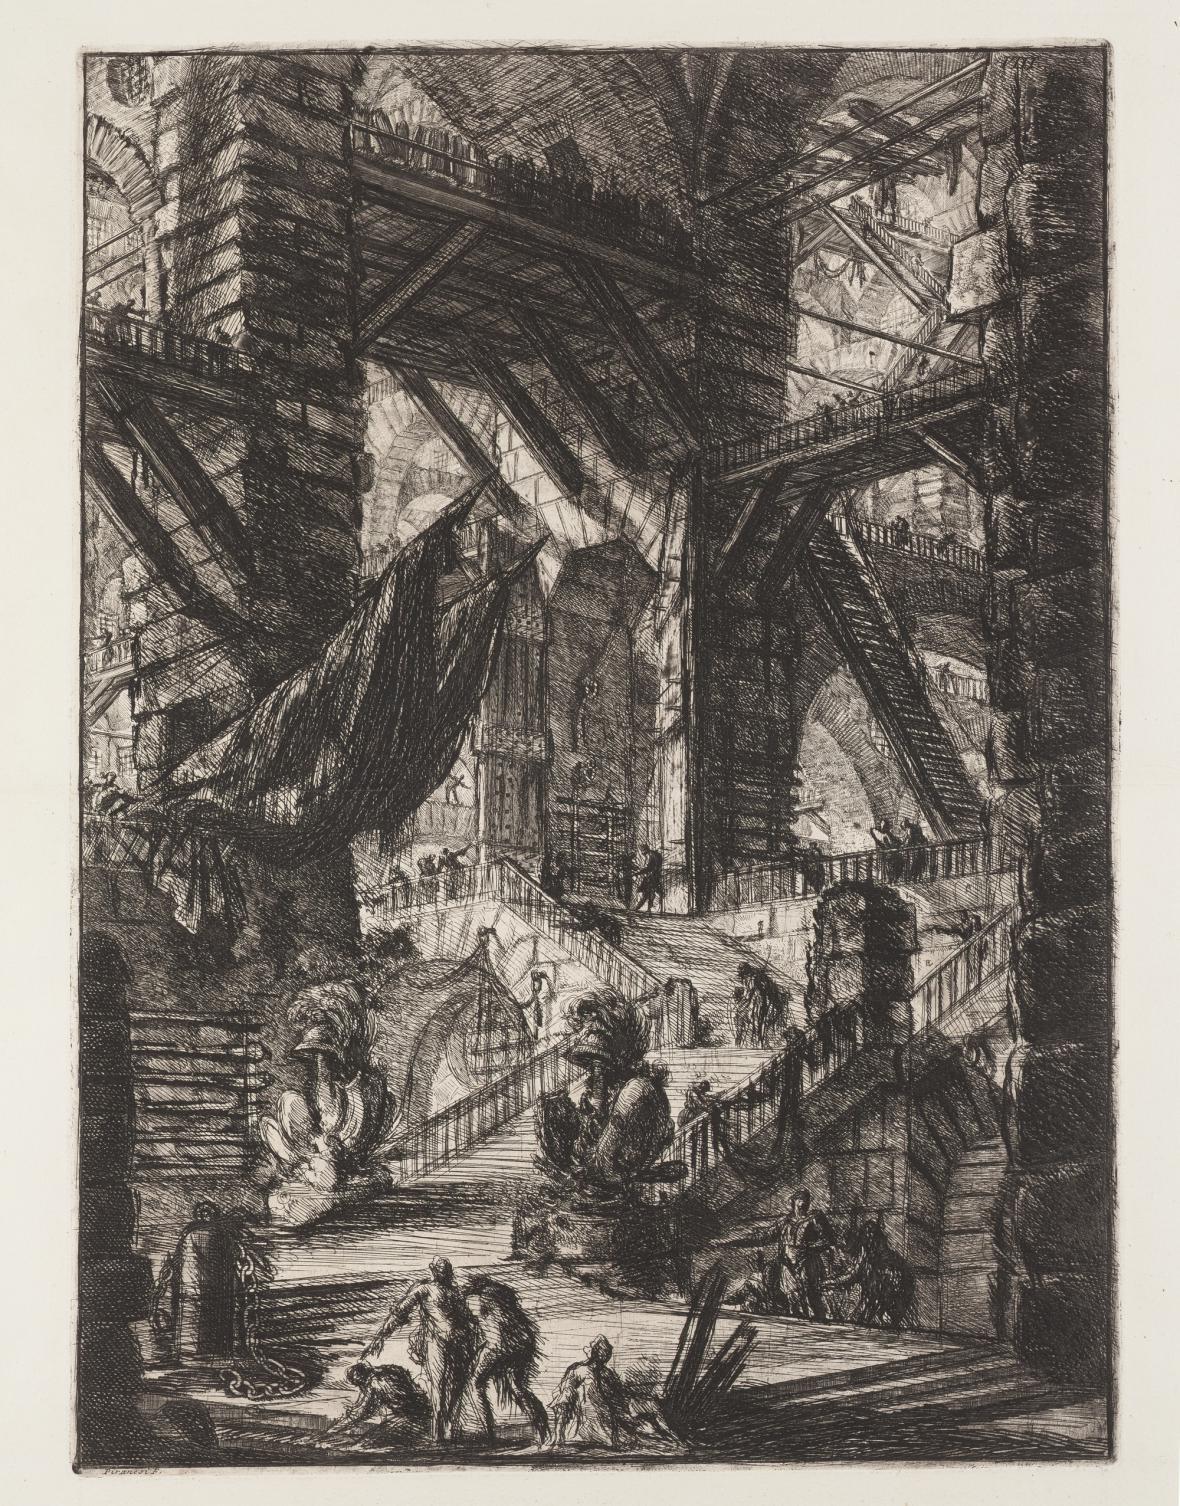 Giovanni Battista Piranesi / Schodiště s trofejemi, z cyklu Žaláře, 1749-50